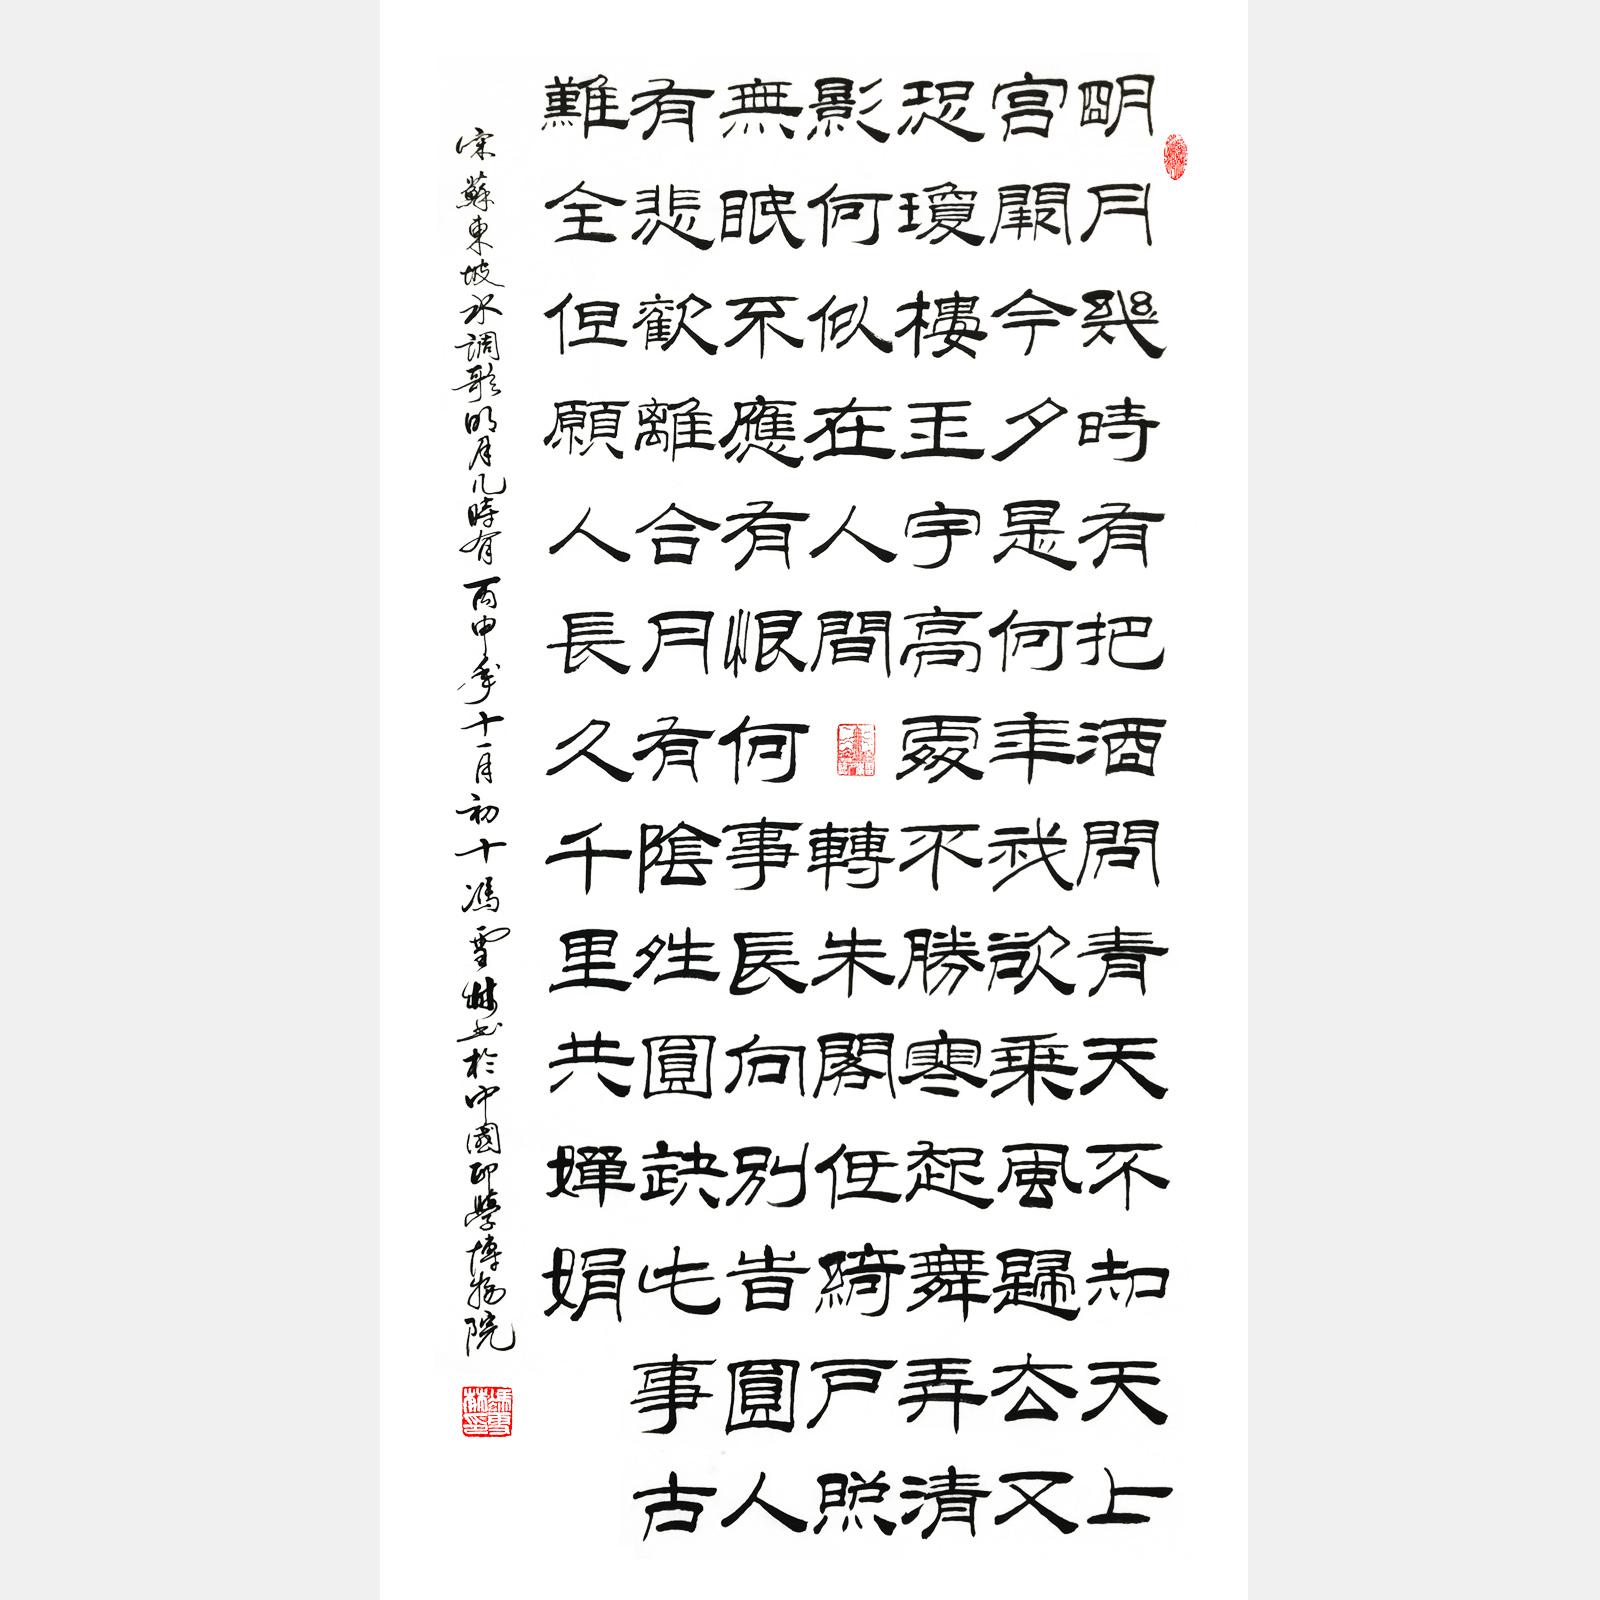 宋代苏轼《水调歌头・明月几时有》隶书书法作品 苏东坡把酒问月